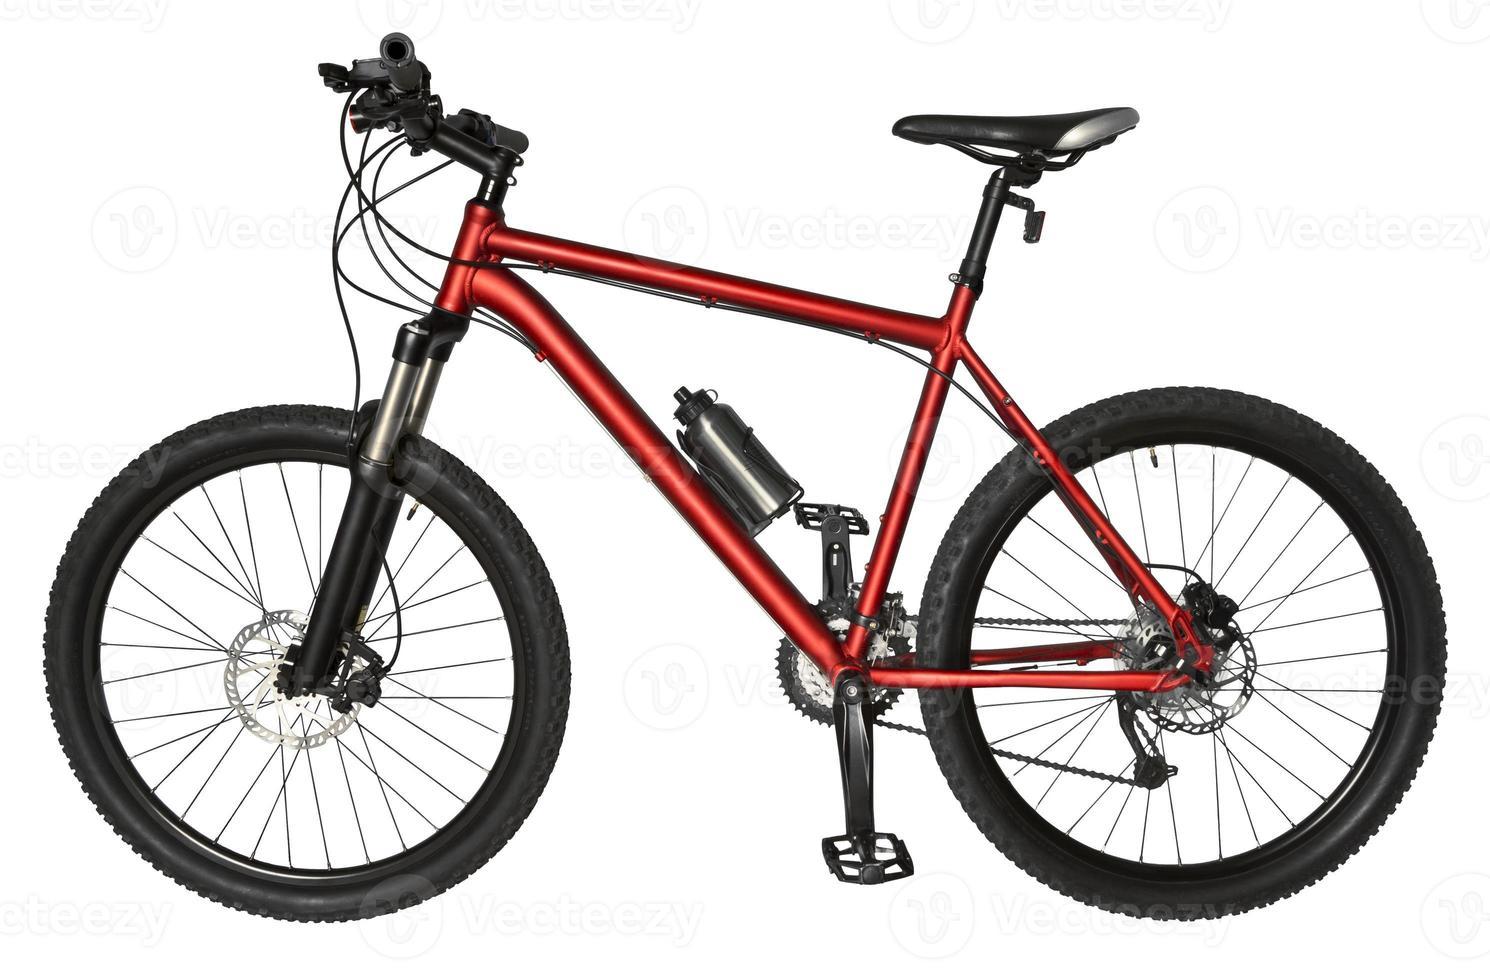 bicicleta de montaña foto